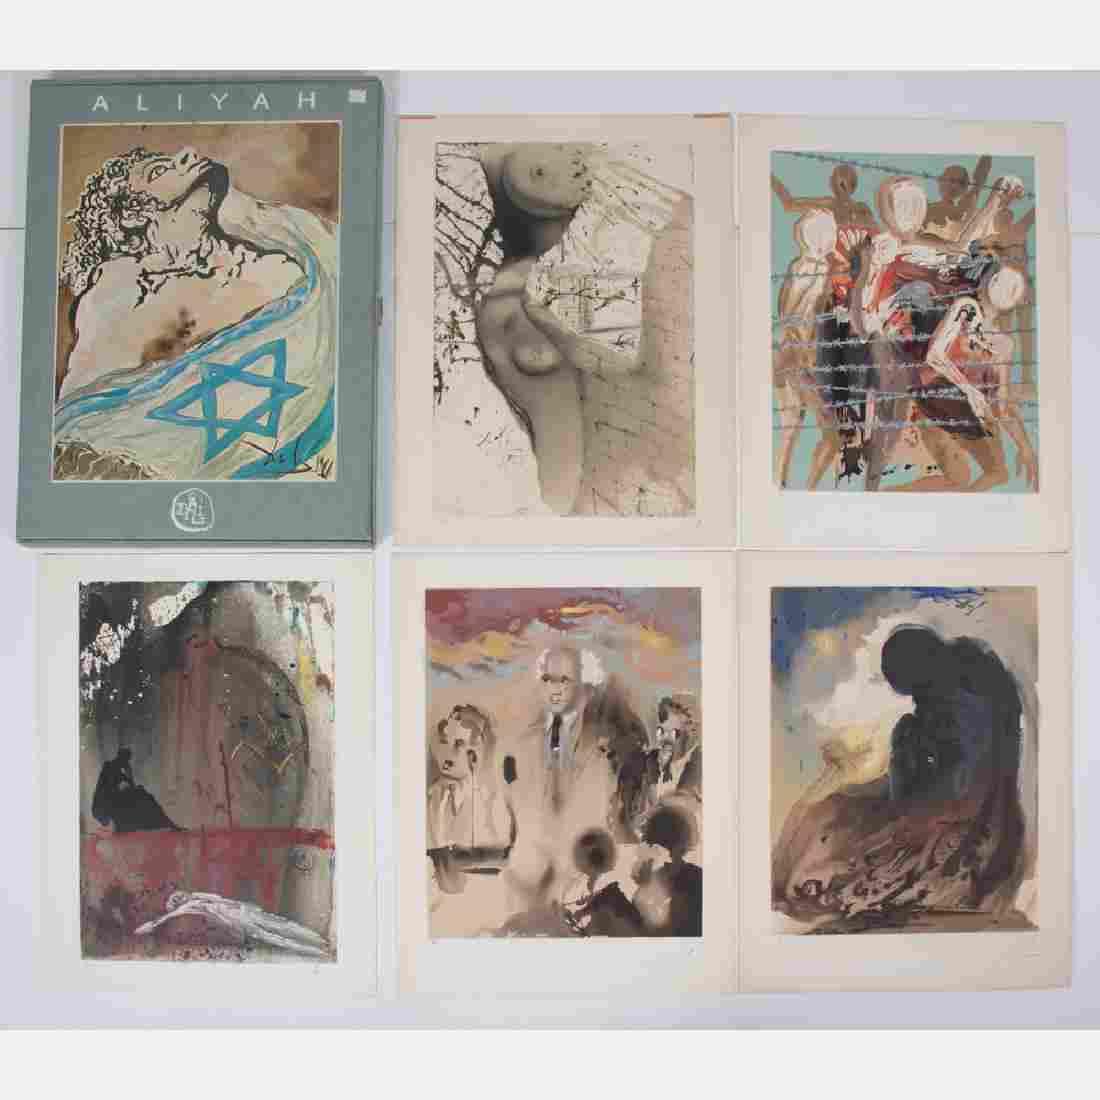 Salvador Dali (1904-1989) Aliyah, 1968, Five